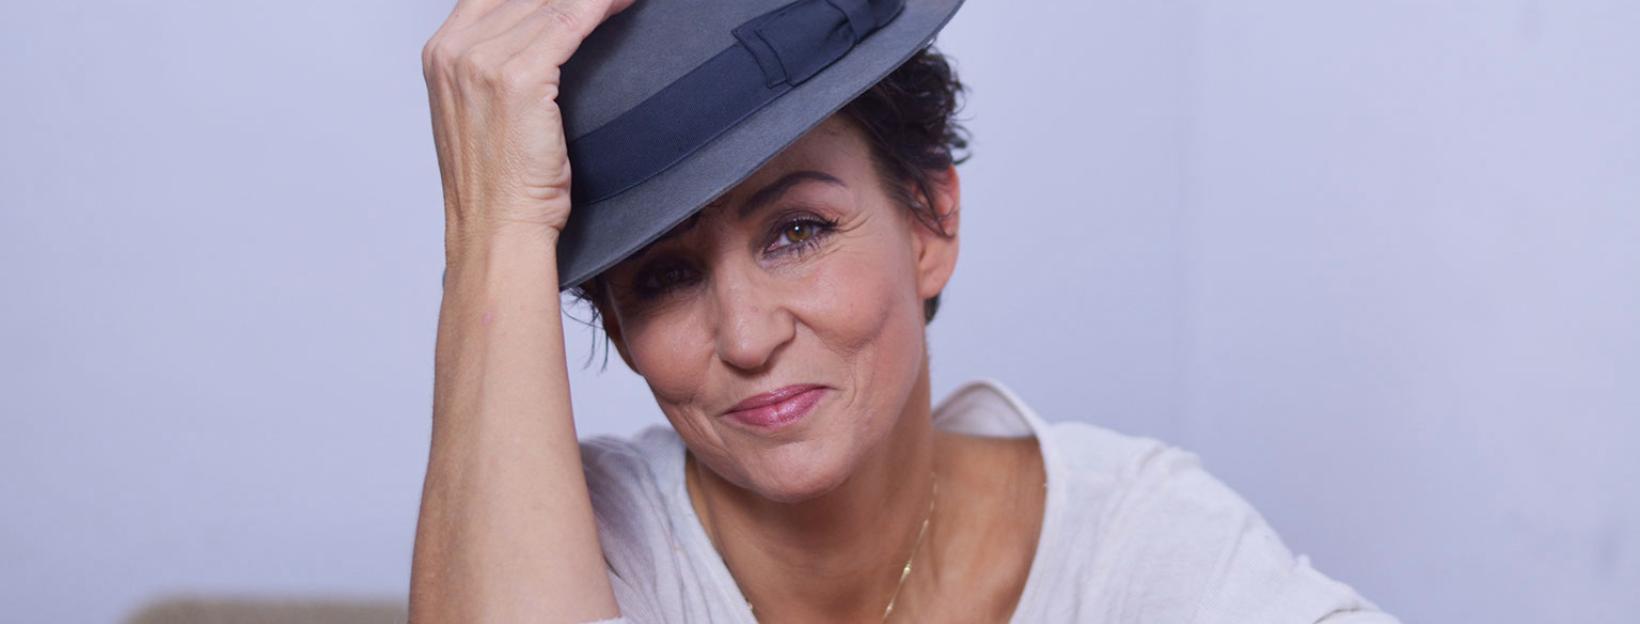 Sandra Kreisler mit Hut